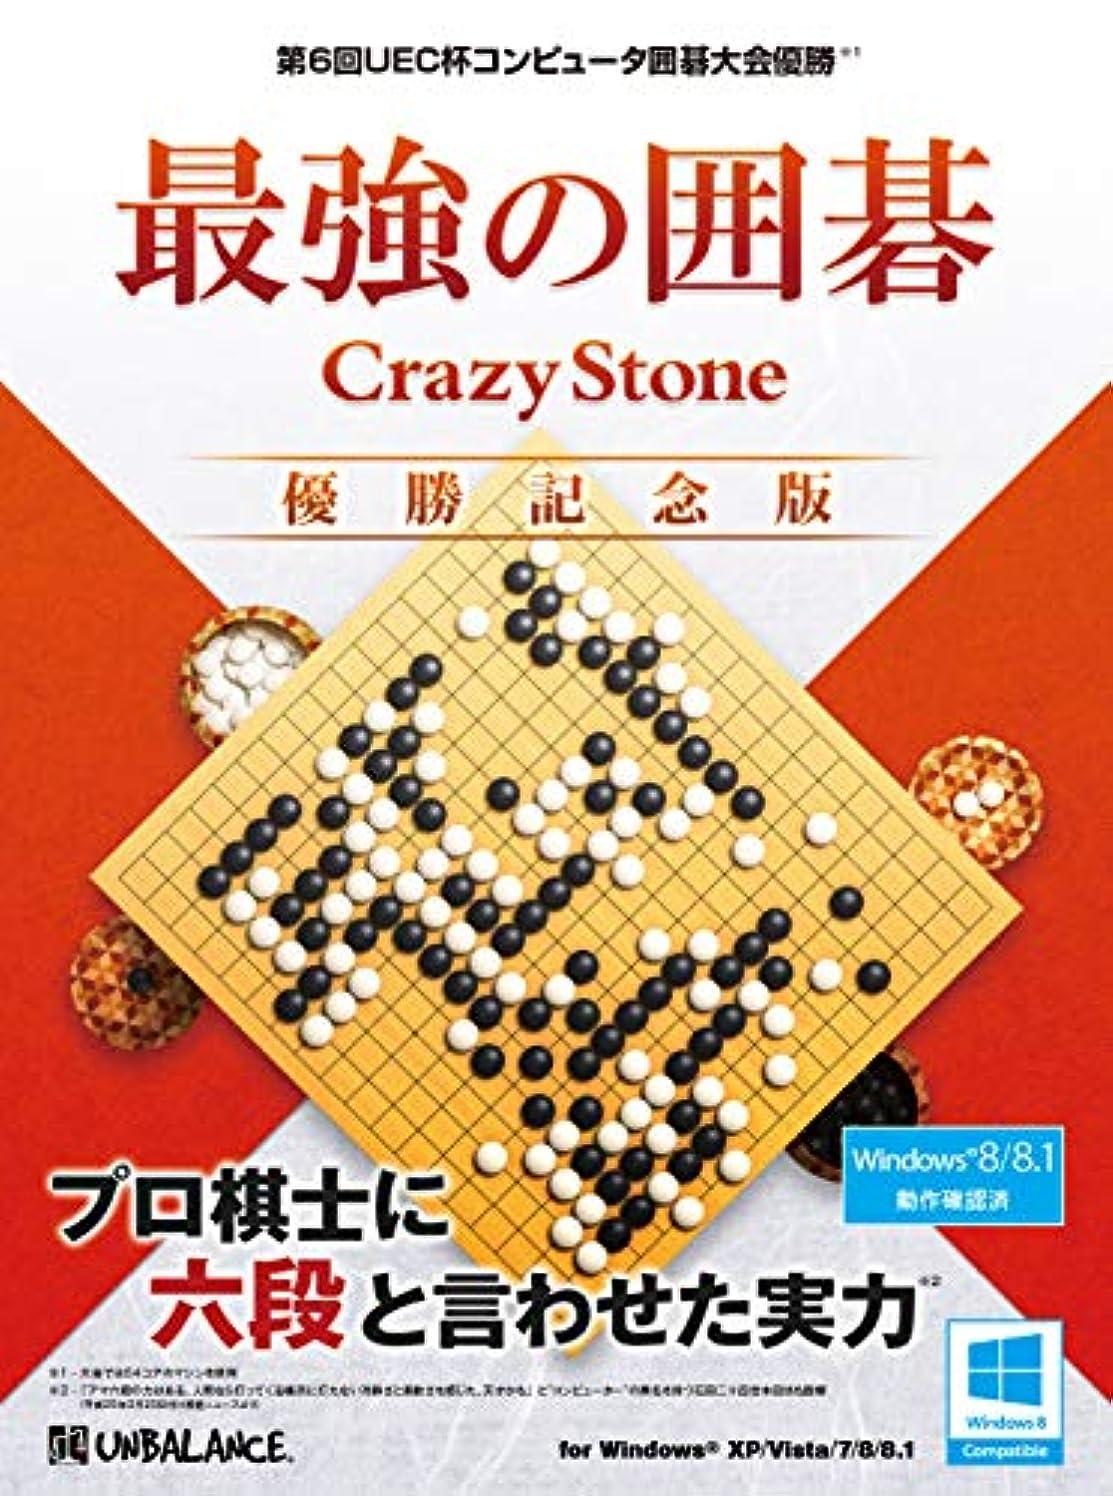 振る舞い成功した妖精最強の囲碁 CrazyStone 優勝記念版